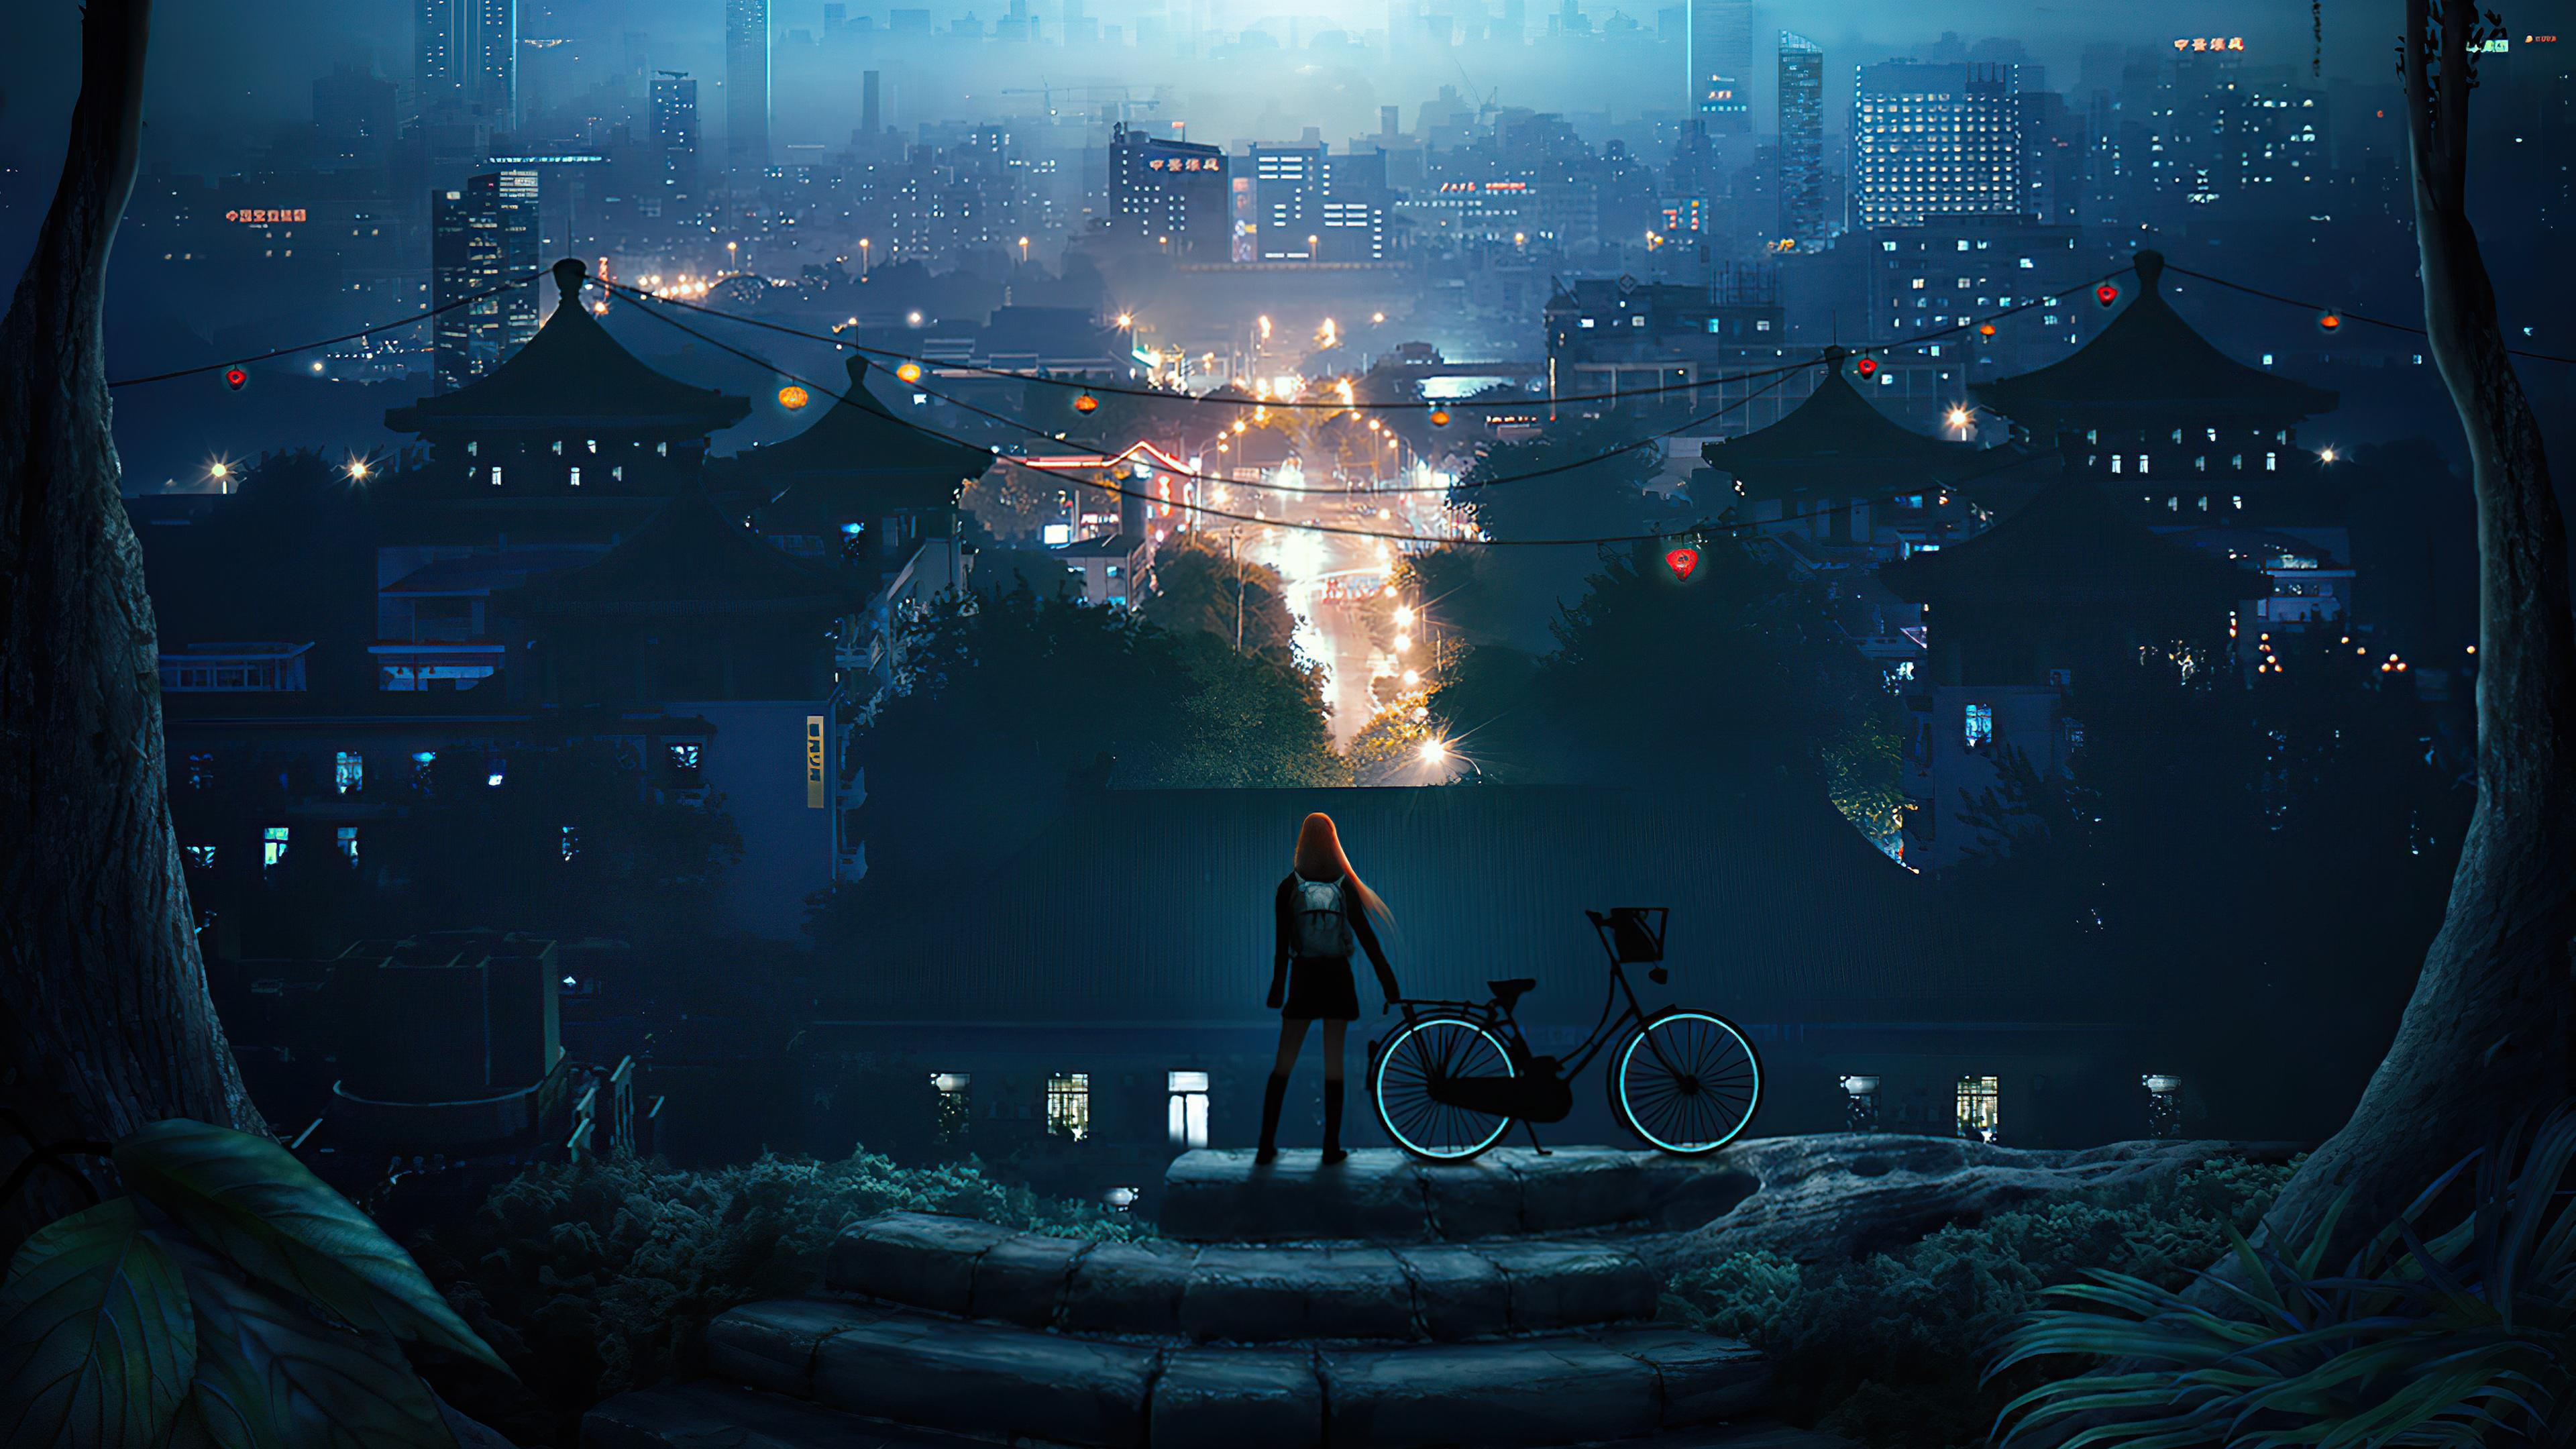 late bike ride 4k 1616874191 - Late Bike Ride 4k - Late Bike Ride 4k wallpapers